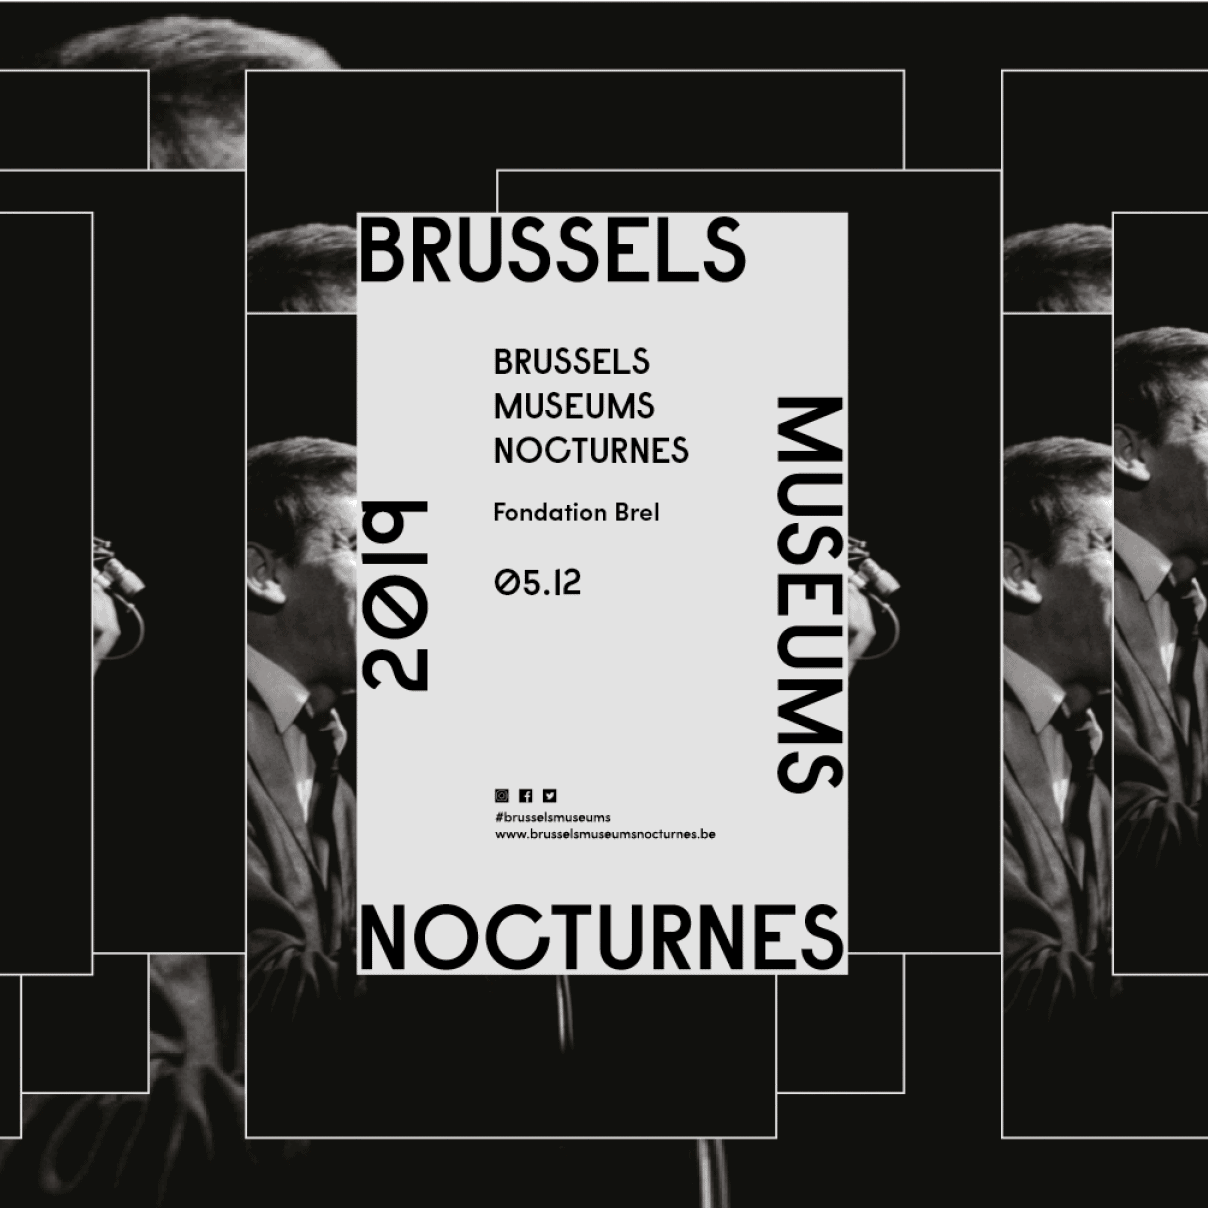 La Fondation Brel au Brussels Museums Nocturnes